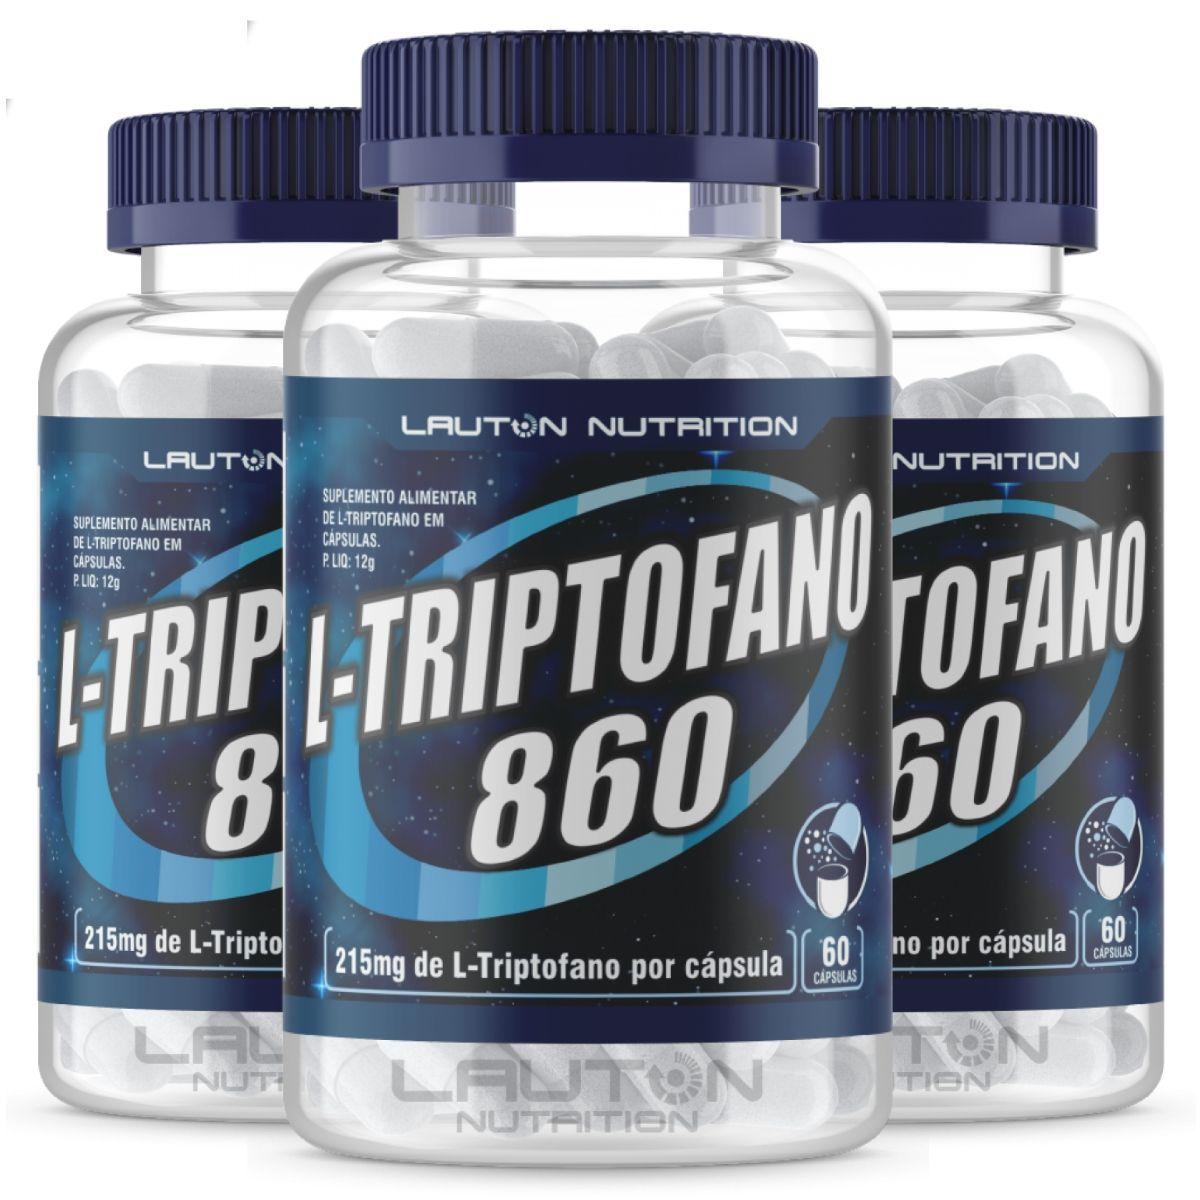 Kit 3 L-triptofano 60 cápsulas - Lauton Nutrition